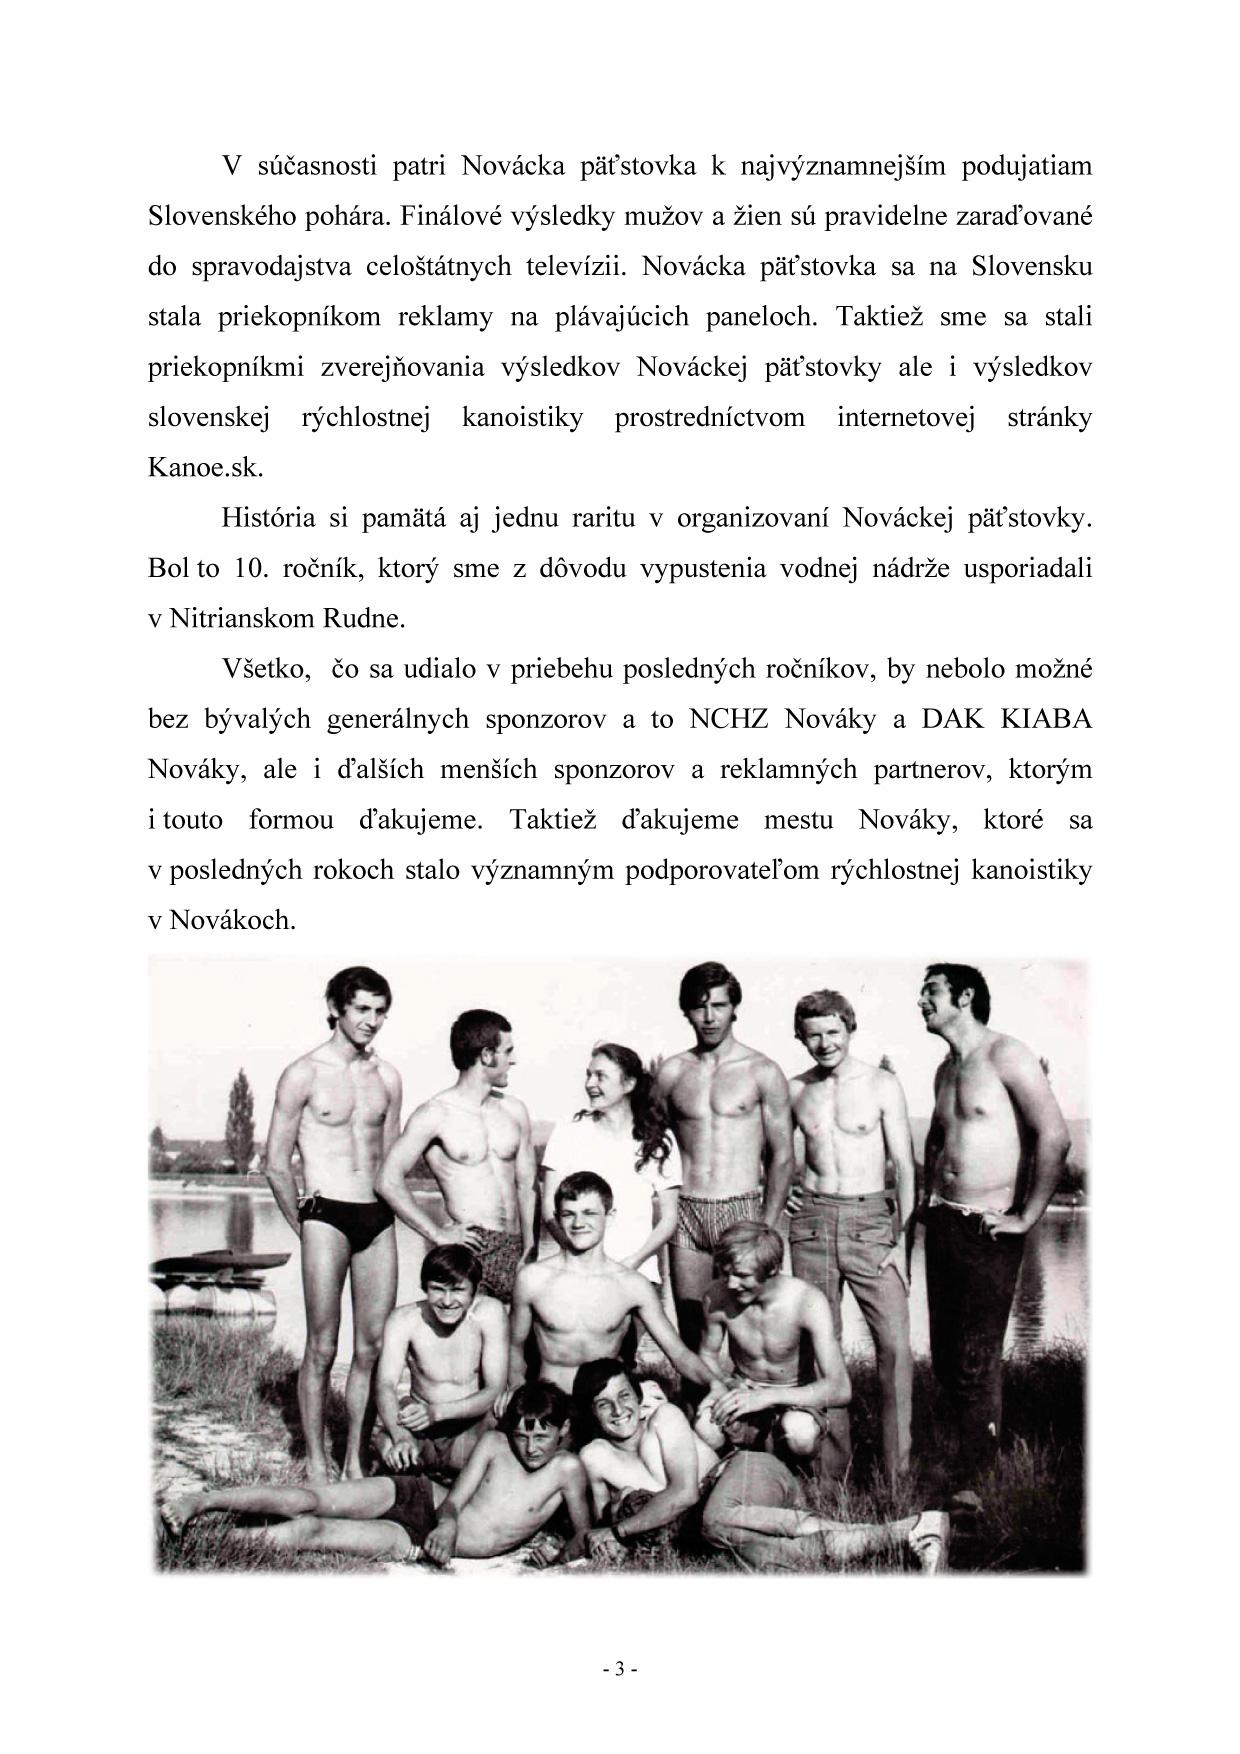 Bulletin pri príležitosti 40. ročník Nováckej päťstovky, strana 5